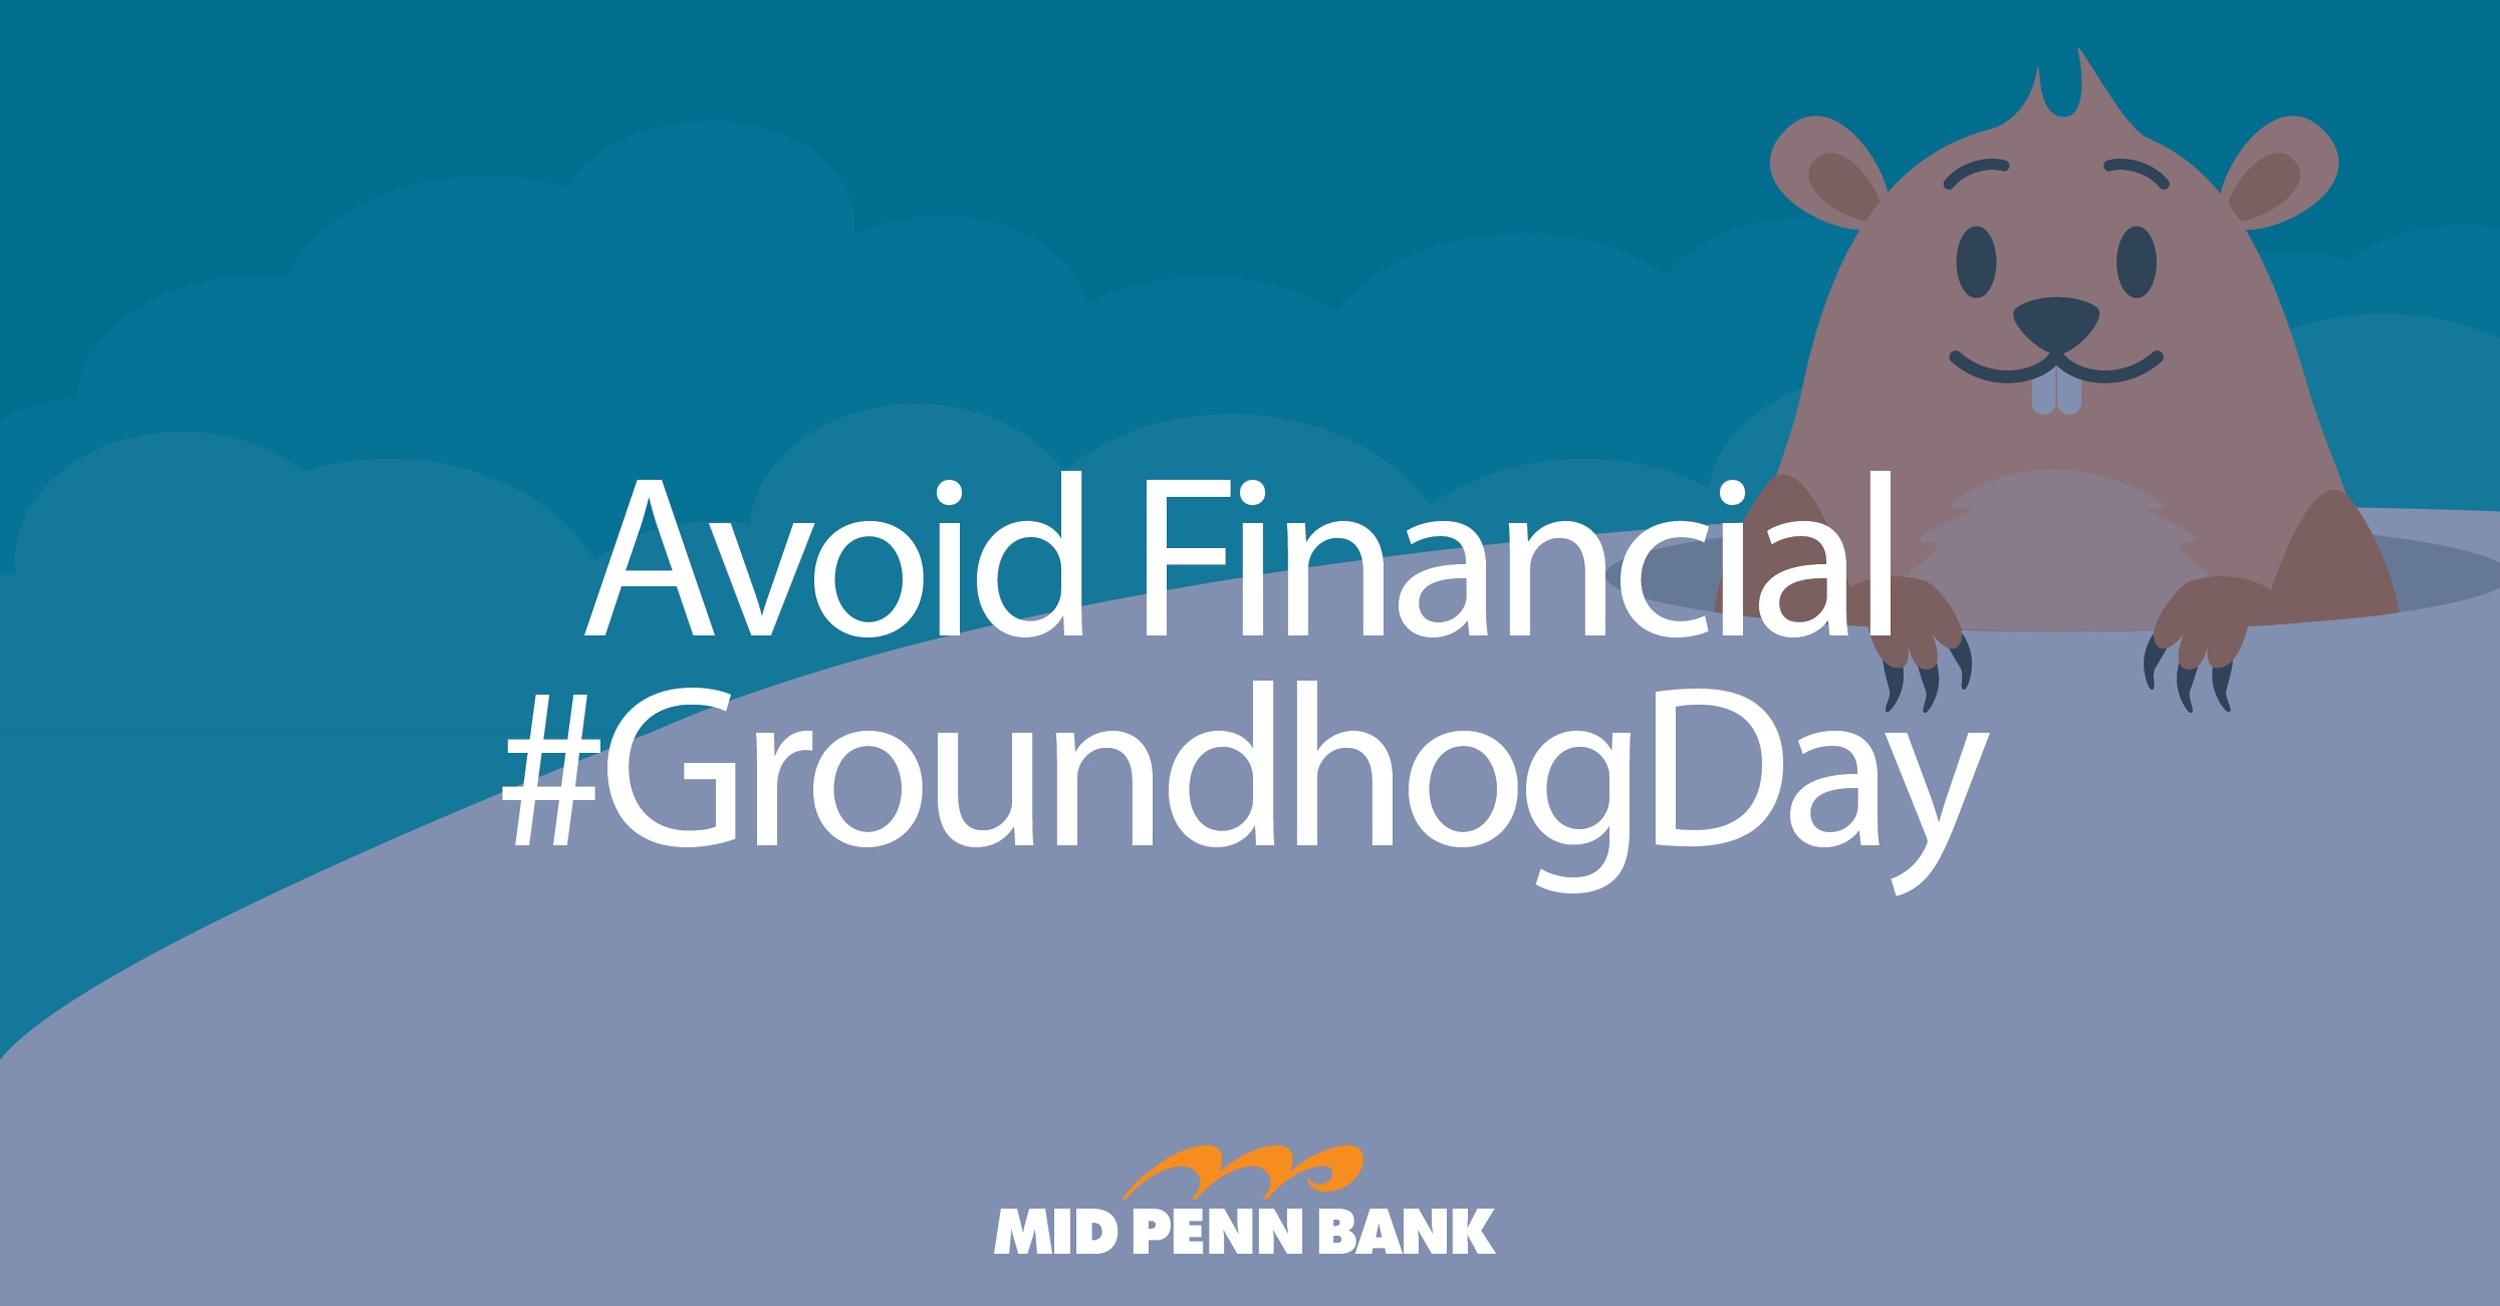 #GroundhogDay